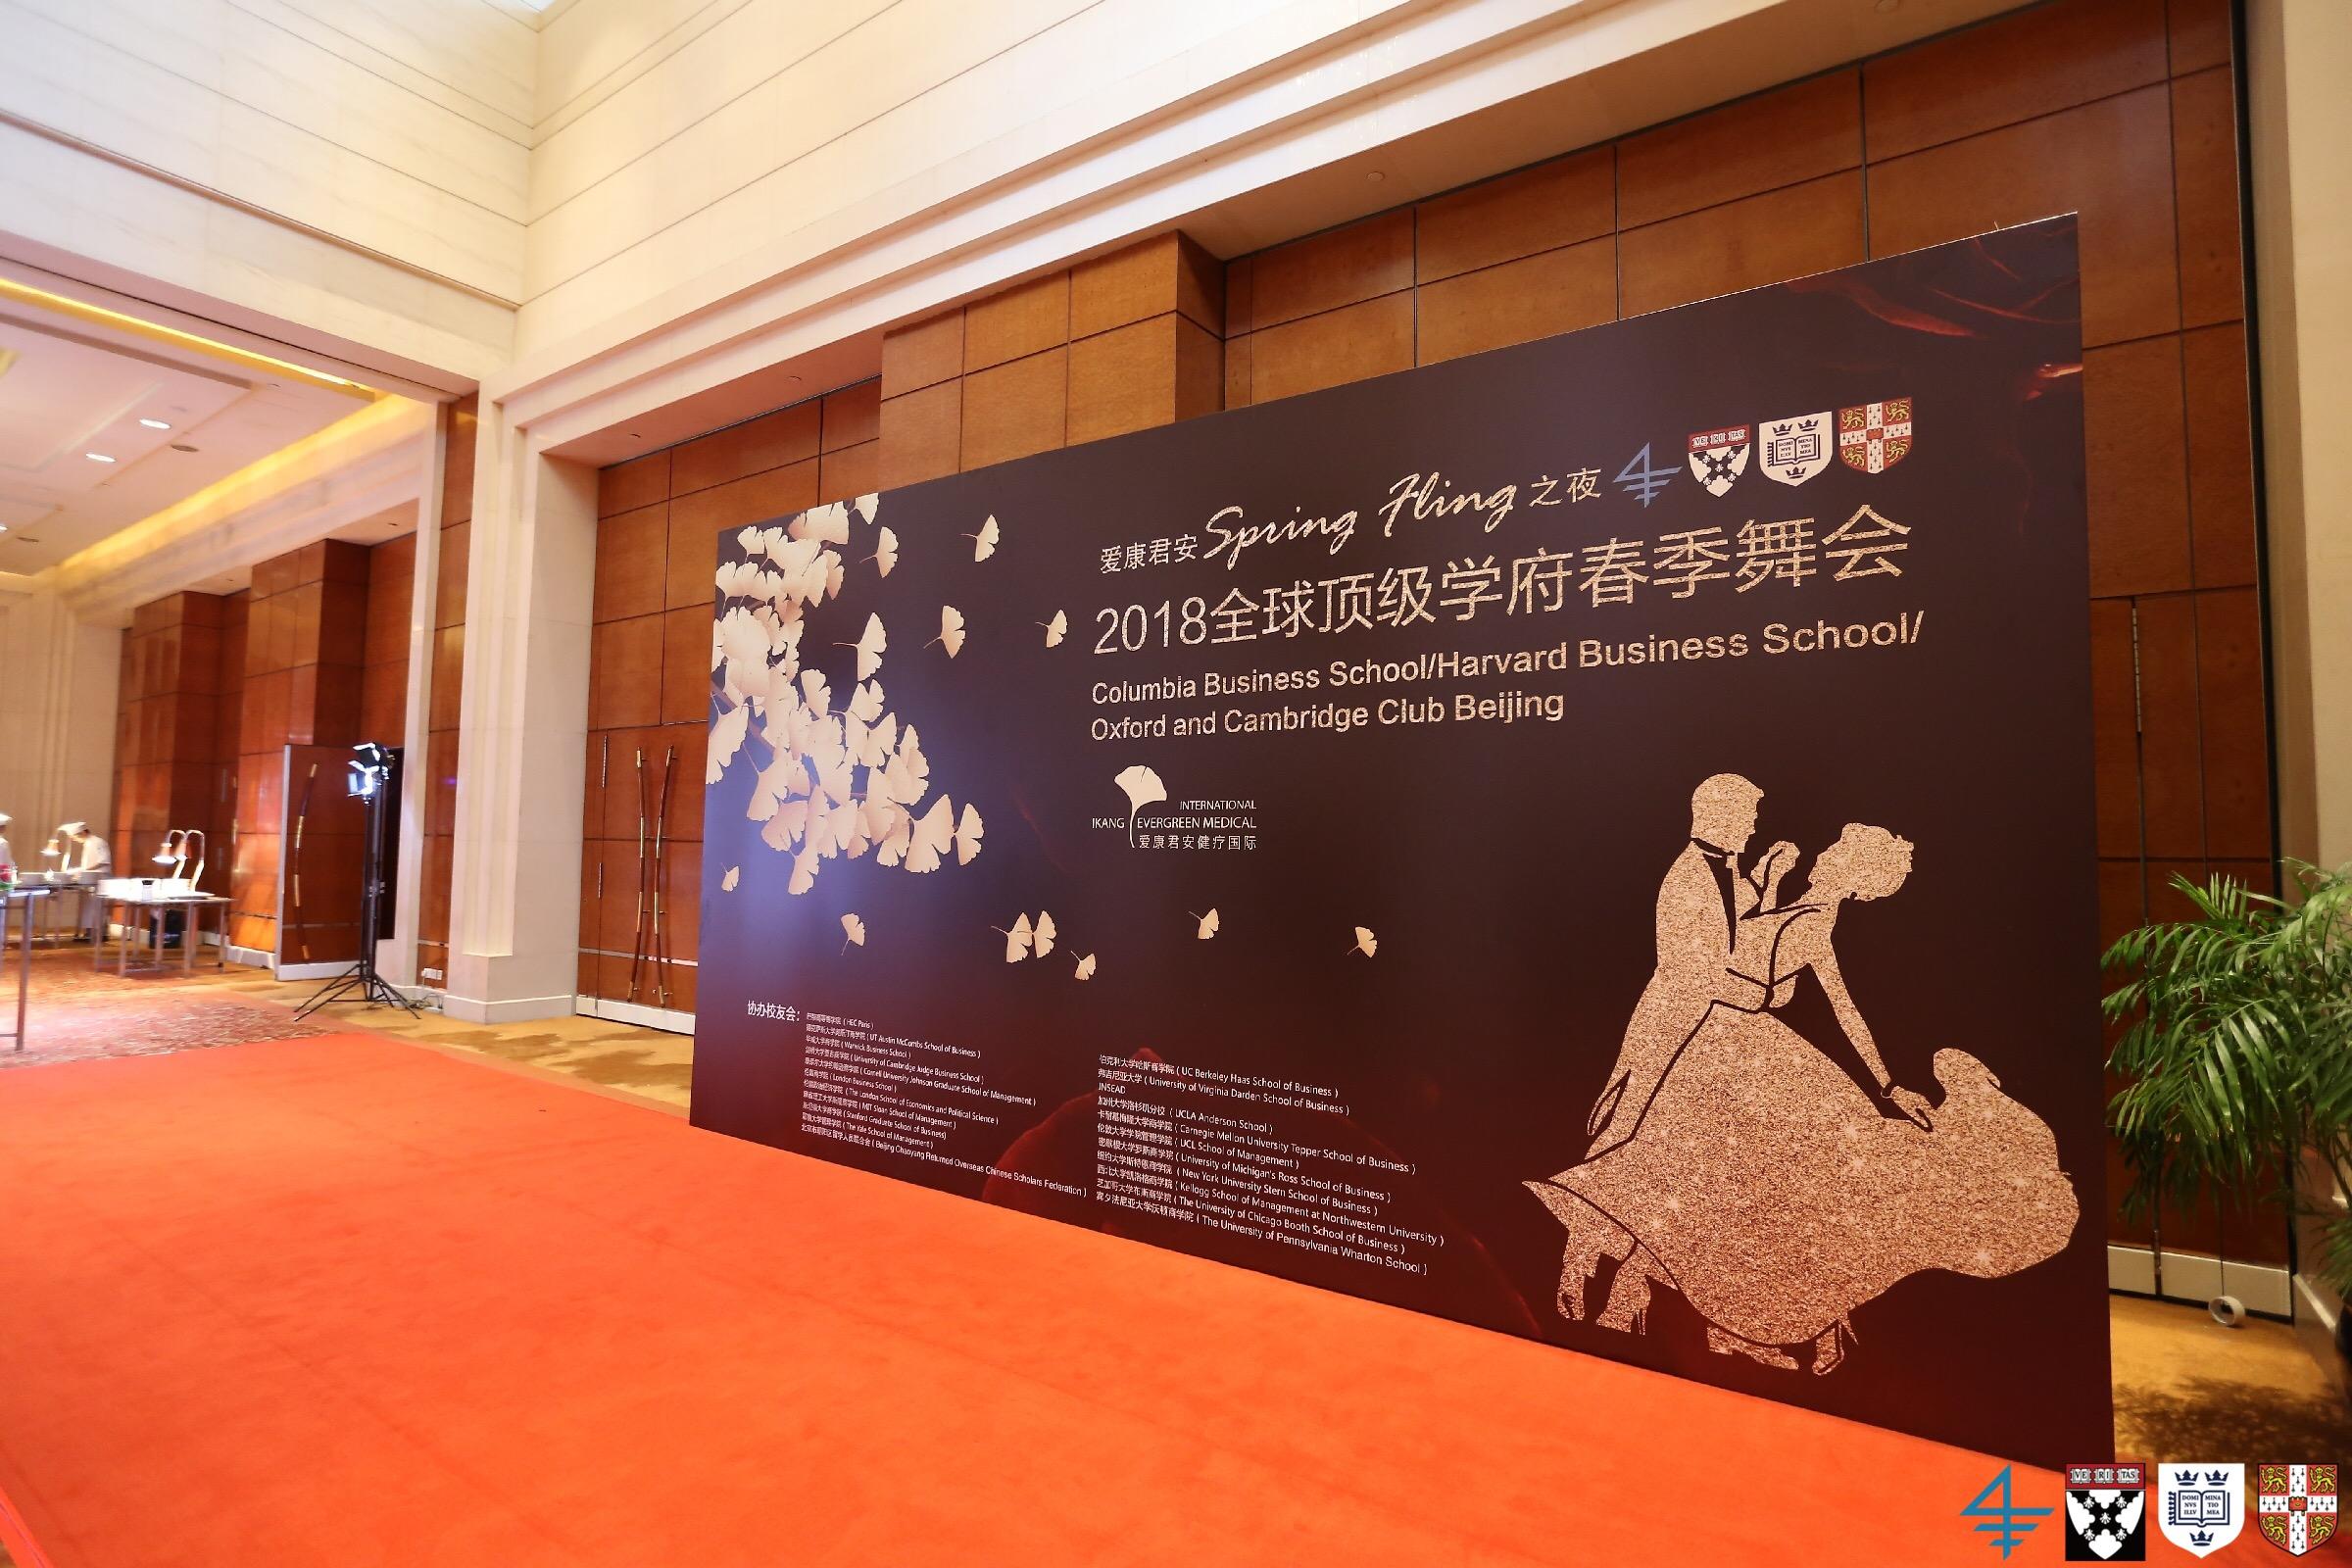 【华丽通告】第五届全球顶级学府春季舞会--爱康君安Spring Fling 2018 精彩回放